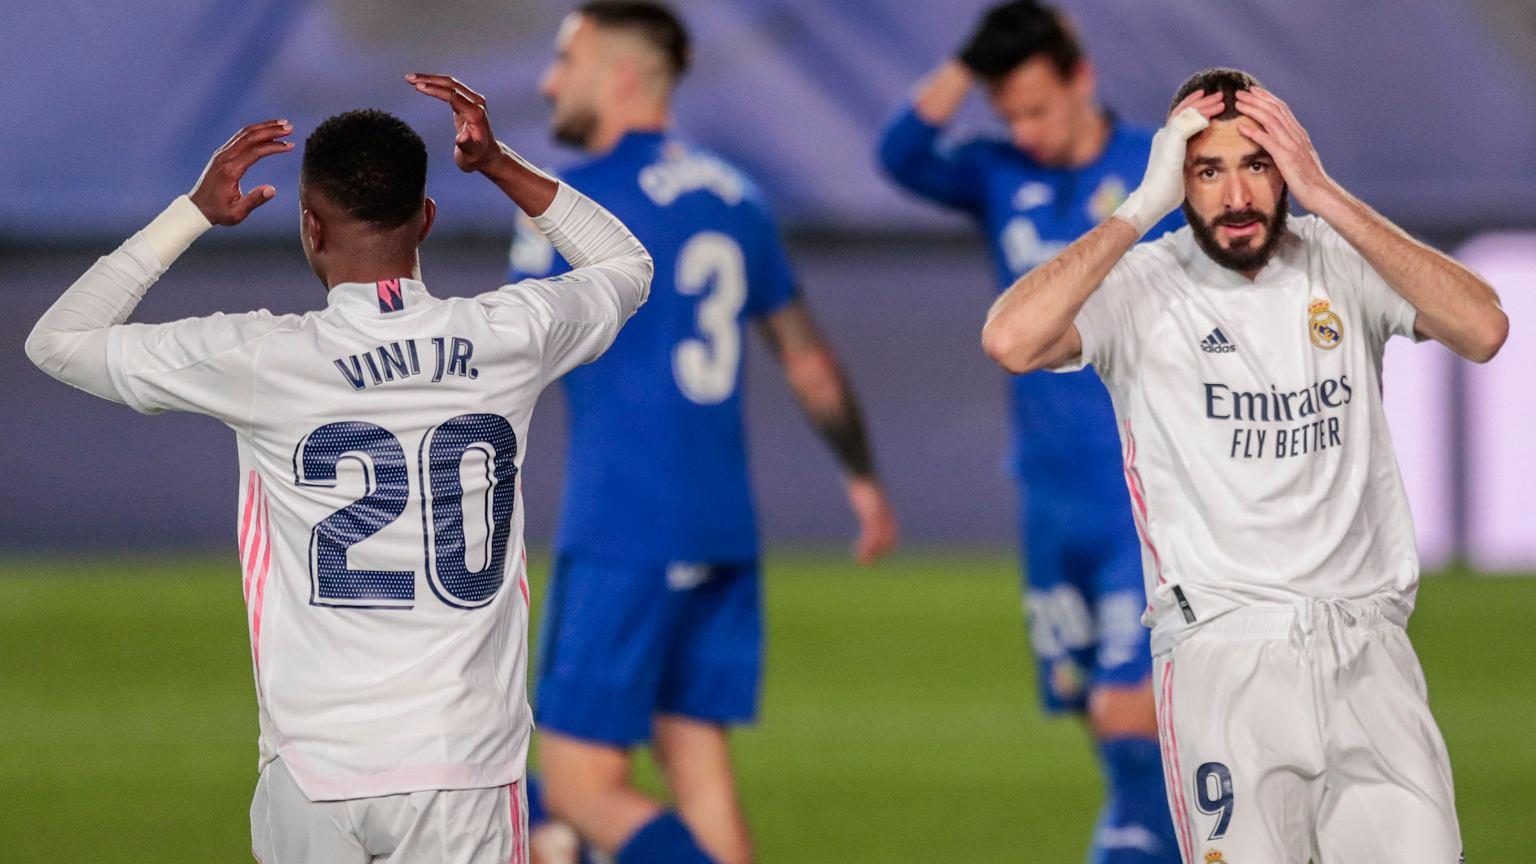 Zidane zmienił system. Połowa Realu wygrała z Getafe 2:0